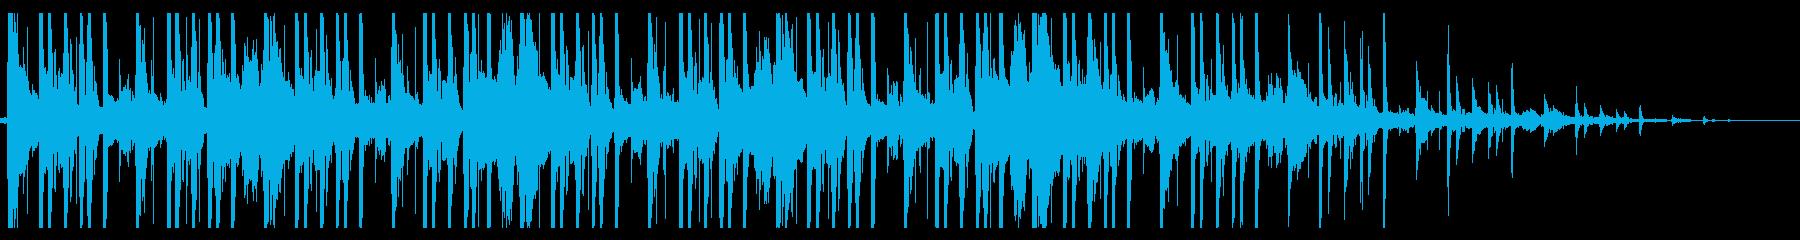 ローファイ/Hiphop_No382_3の再生済みの波形